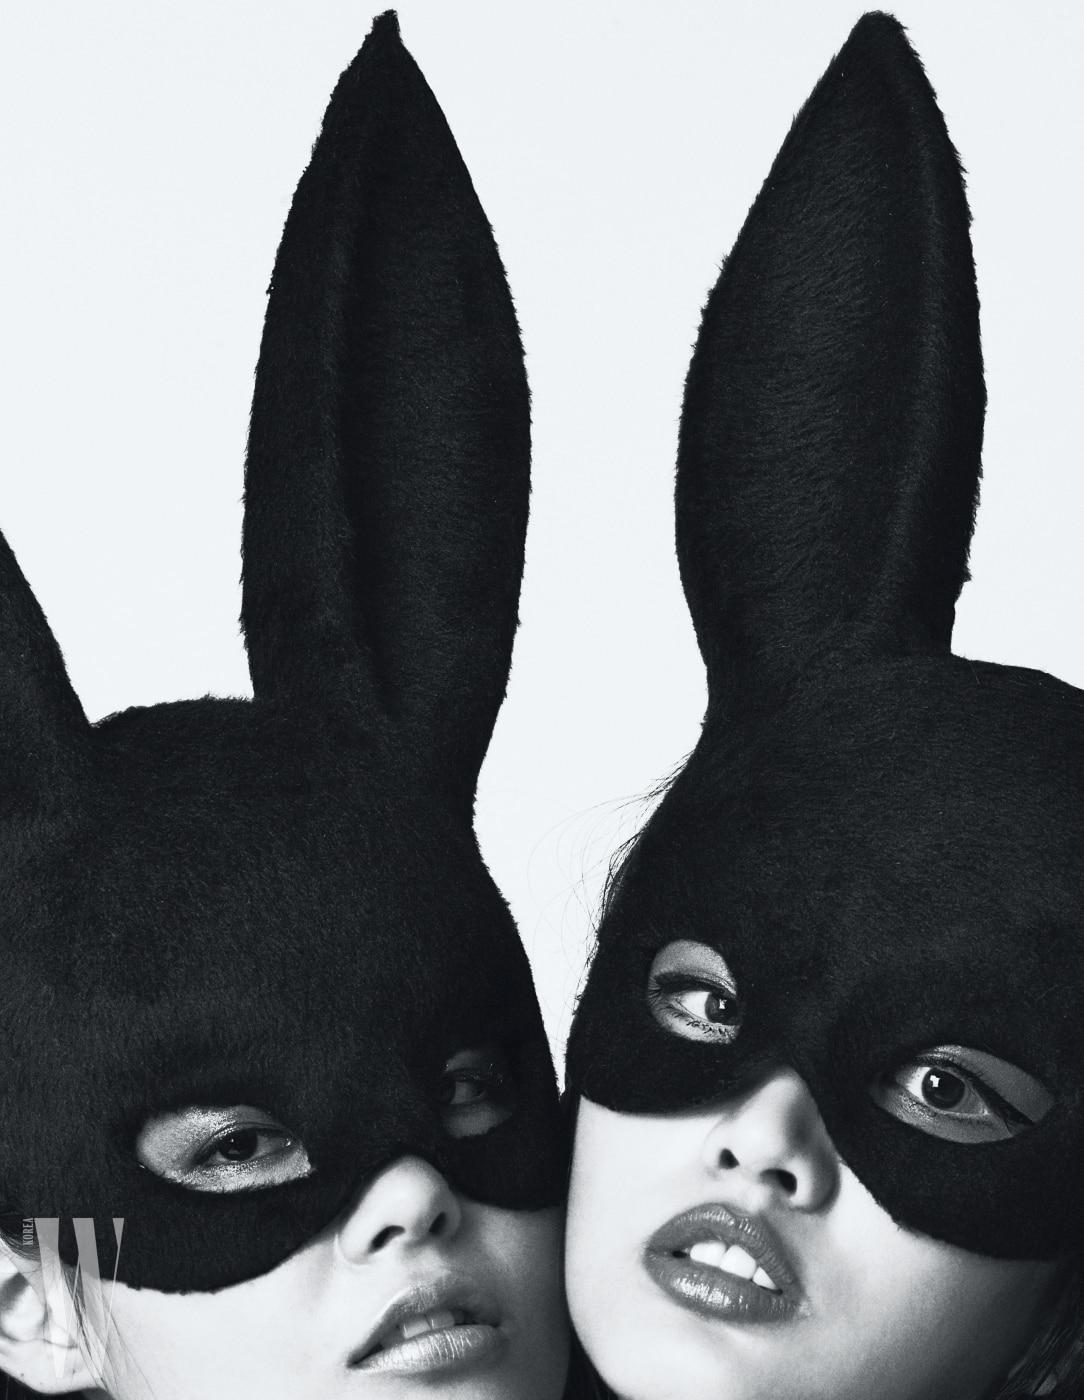 모델 천예슬과 이화가 쓴 토끼 가면은 프롭 스타일리스트 제작 제품.